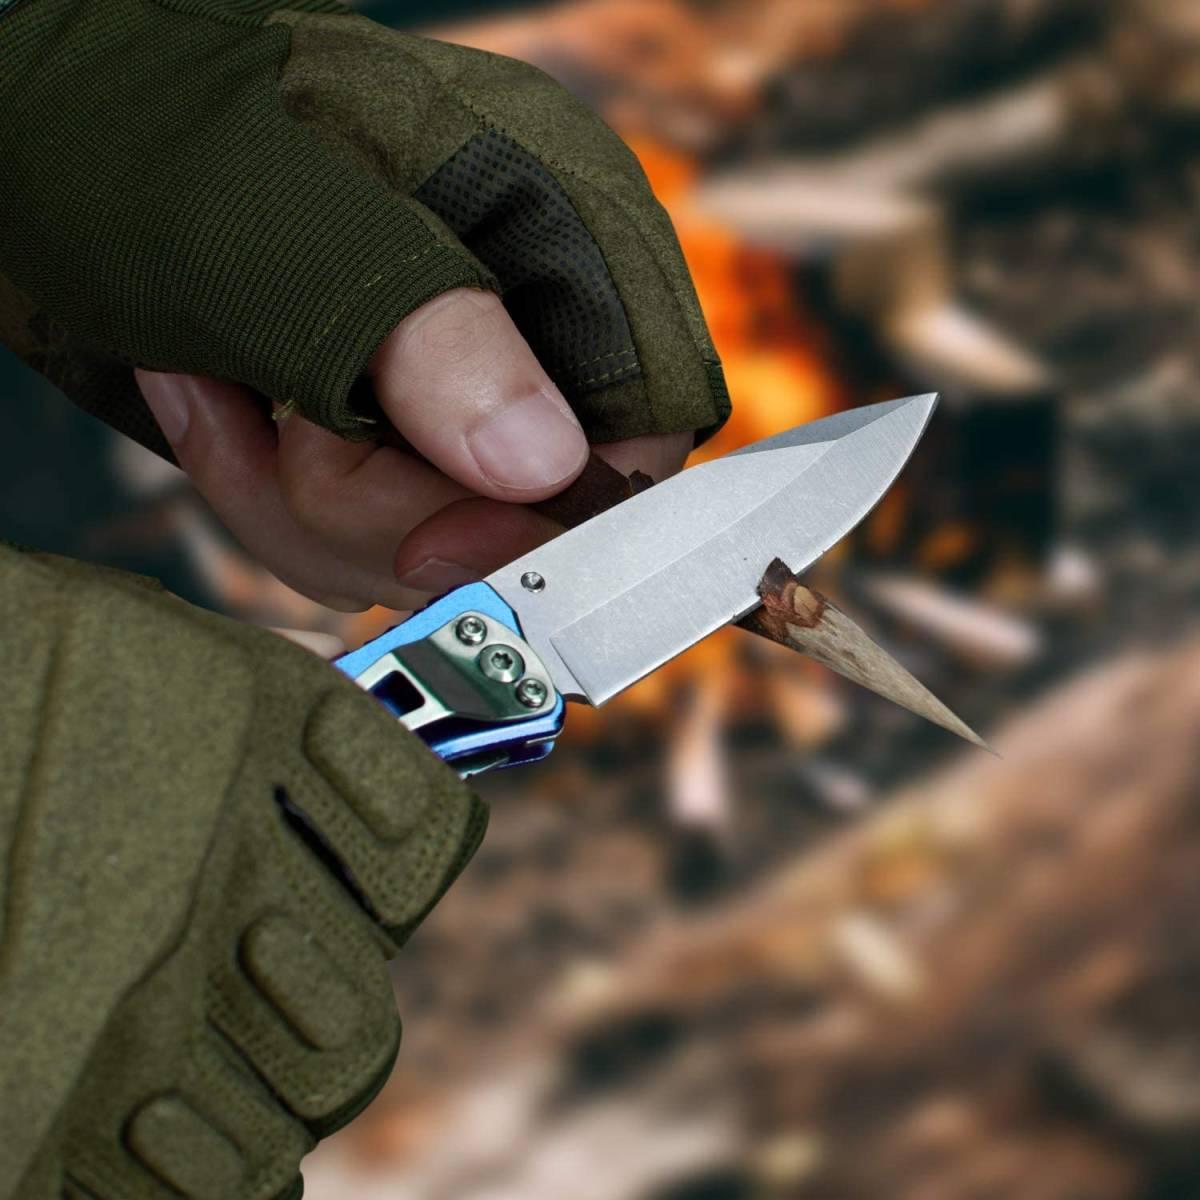 【送料無料】 MOSSY OAK 折りたたみナイフ フォールディングナイフ 3-IN-1多機能ナイフ 栓抜き ブルー 青